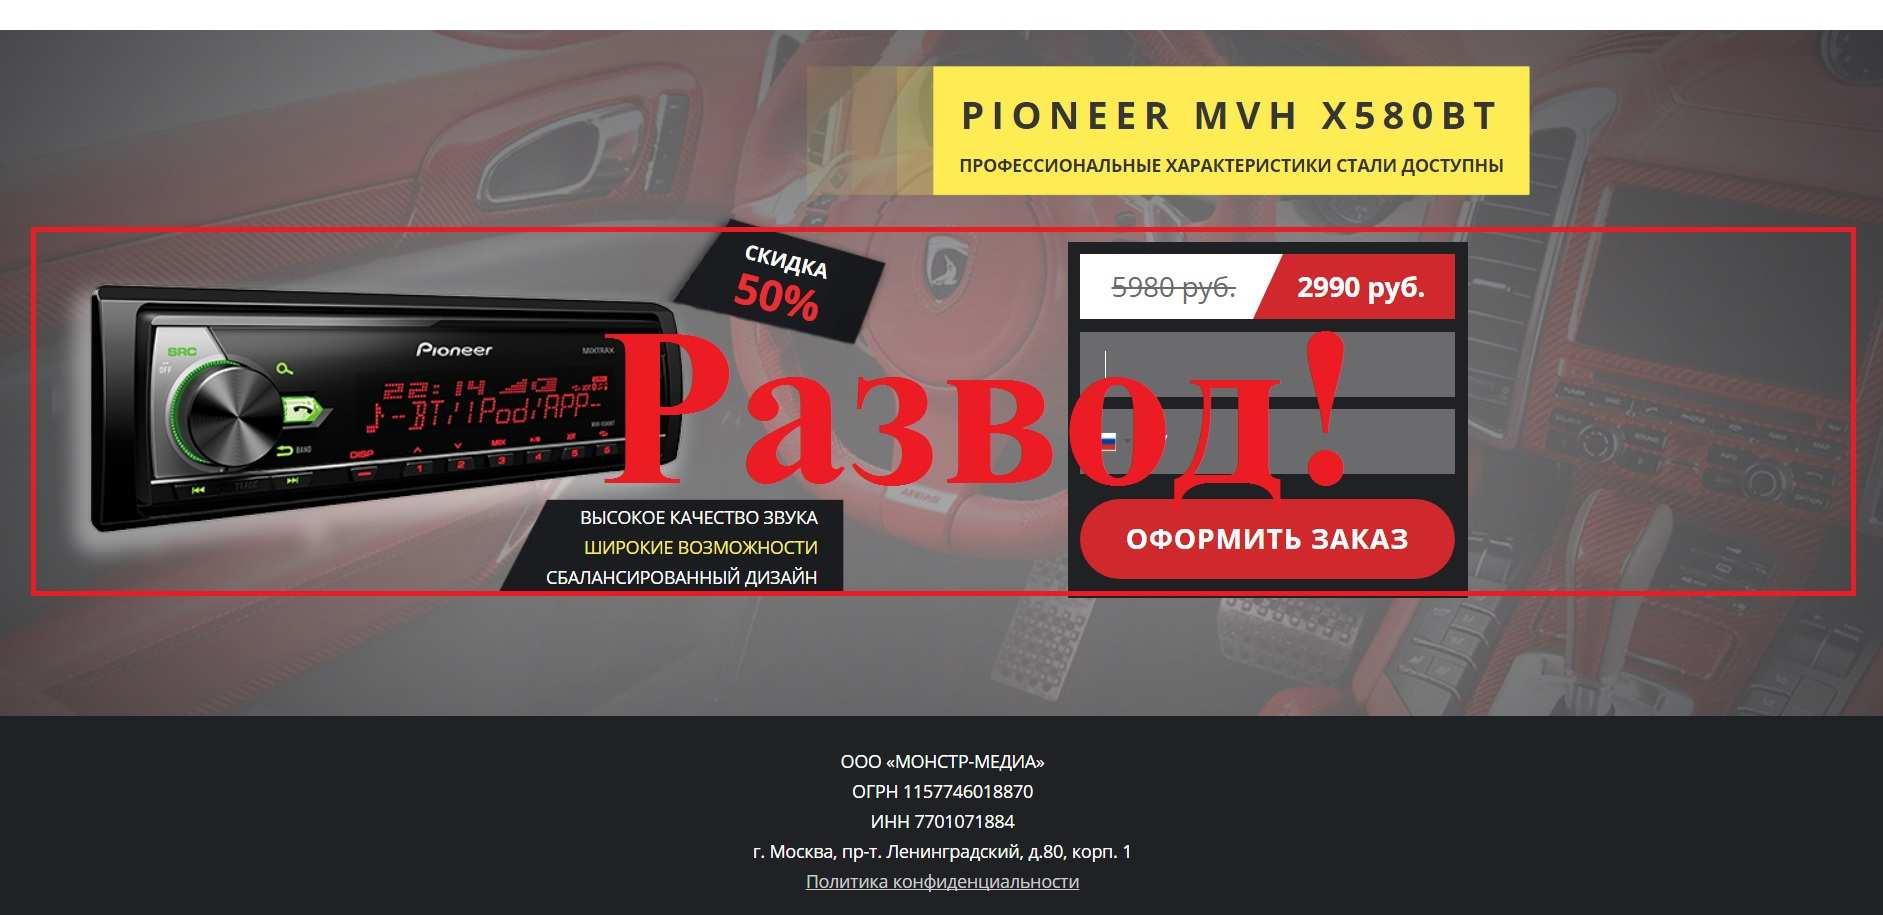 Pioneer MVH X580BT – отзывы о разводе за 2990 рублей